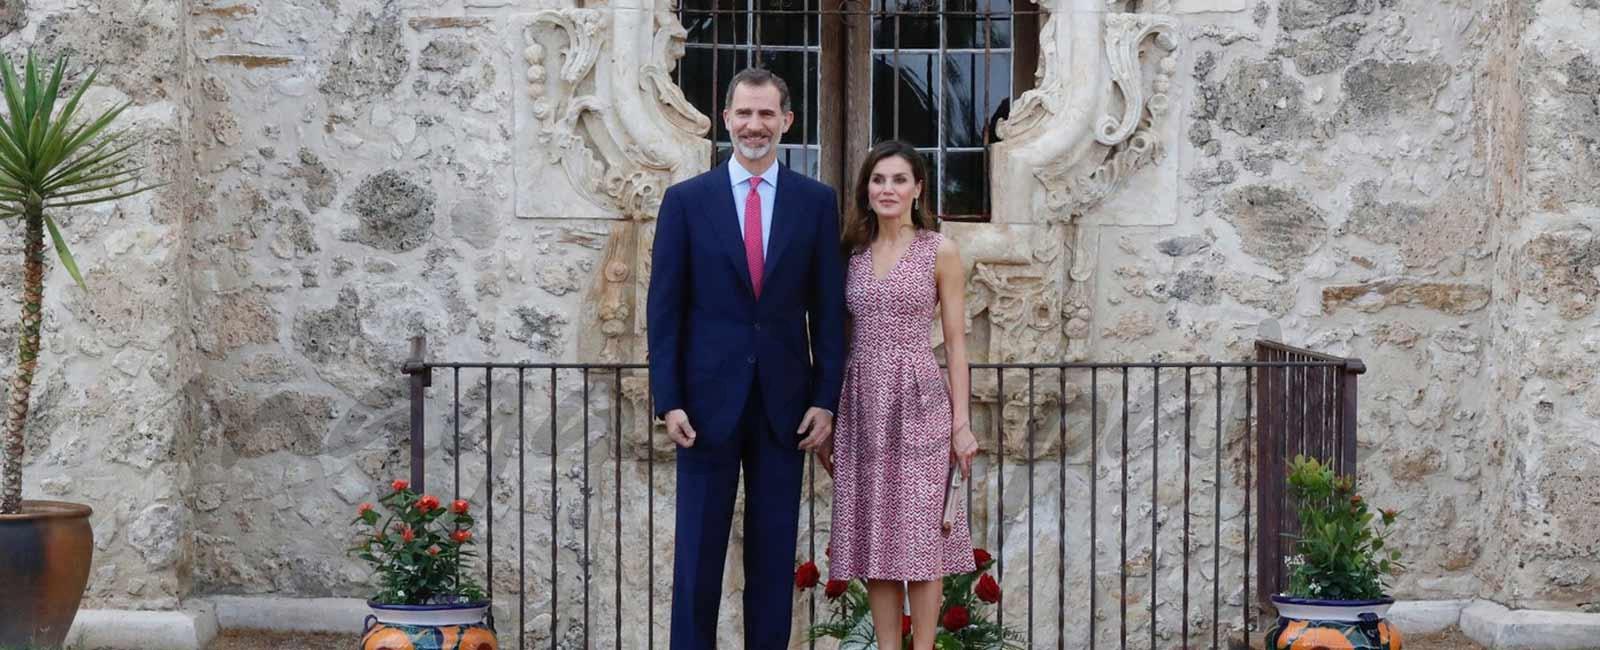 La reina Letizia, de estreno en San Antonio